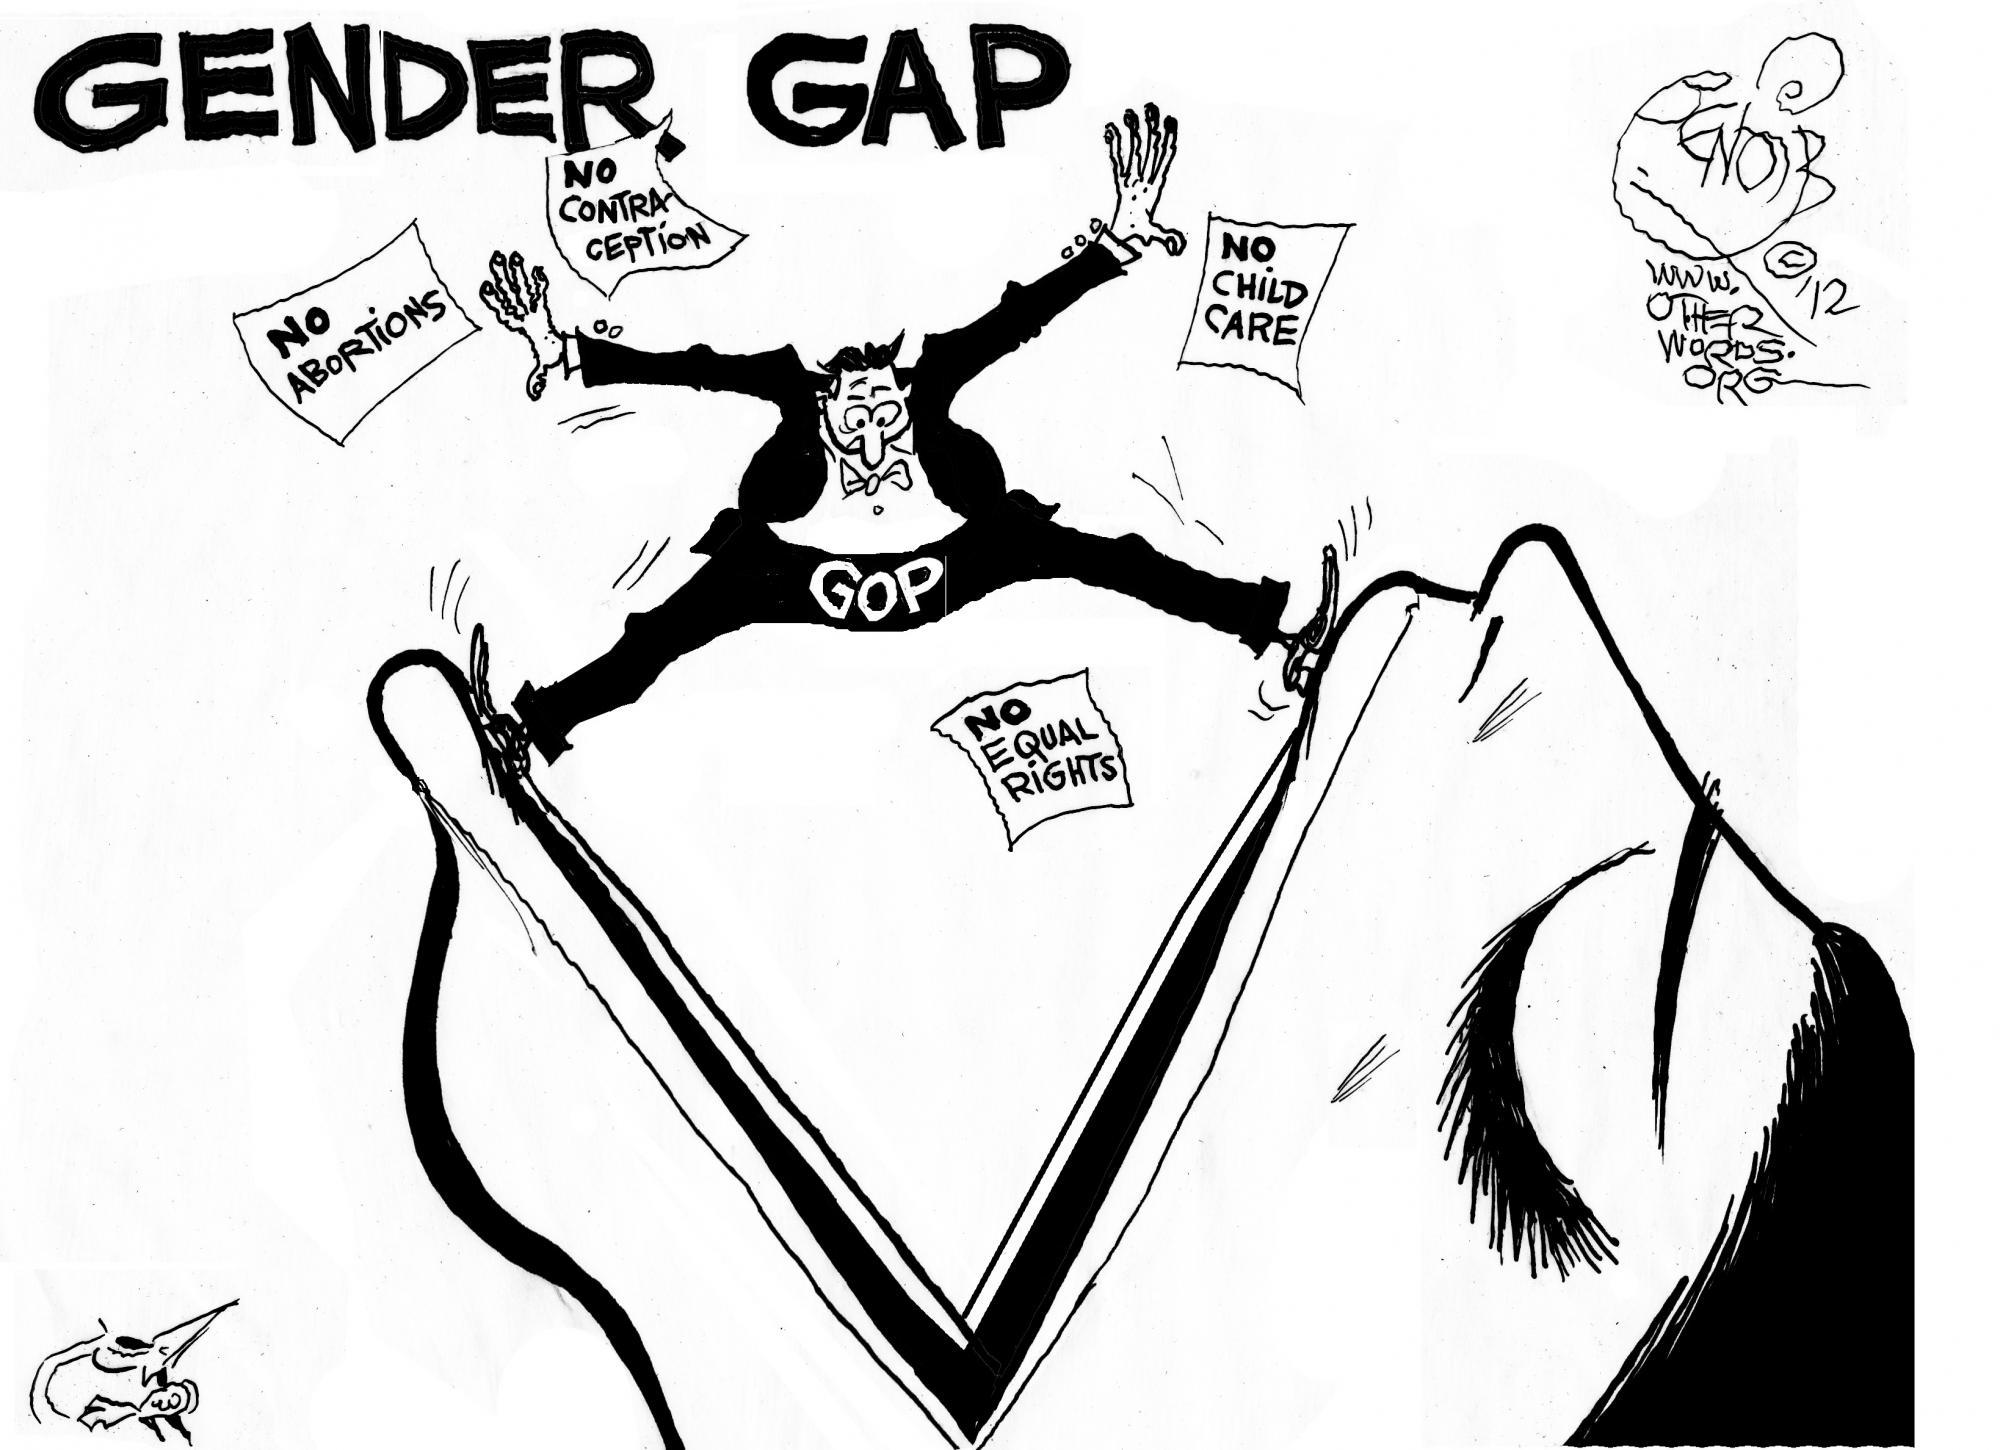 2000x1450 Gender Gap